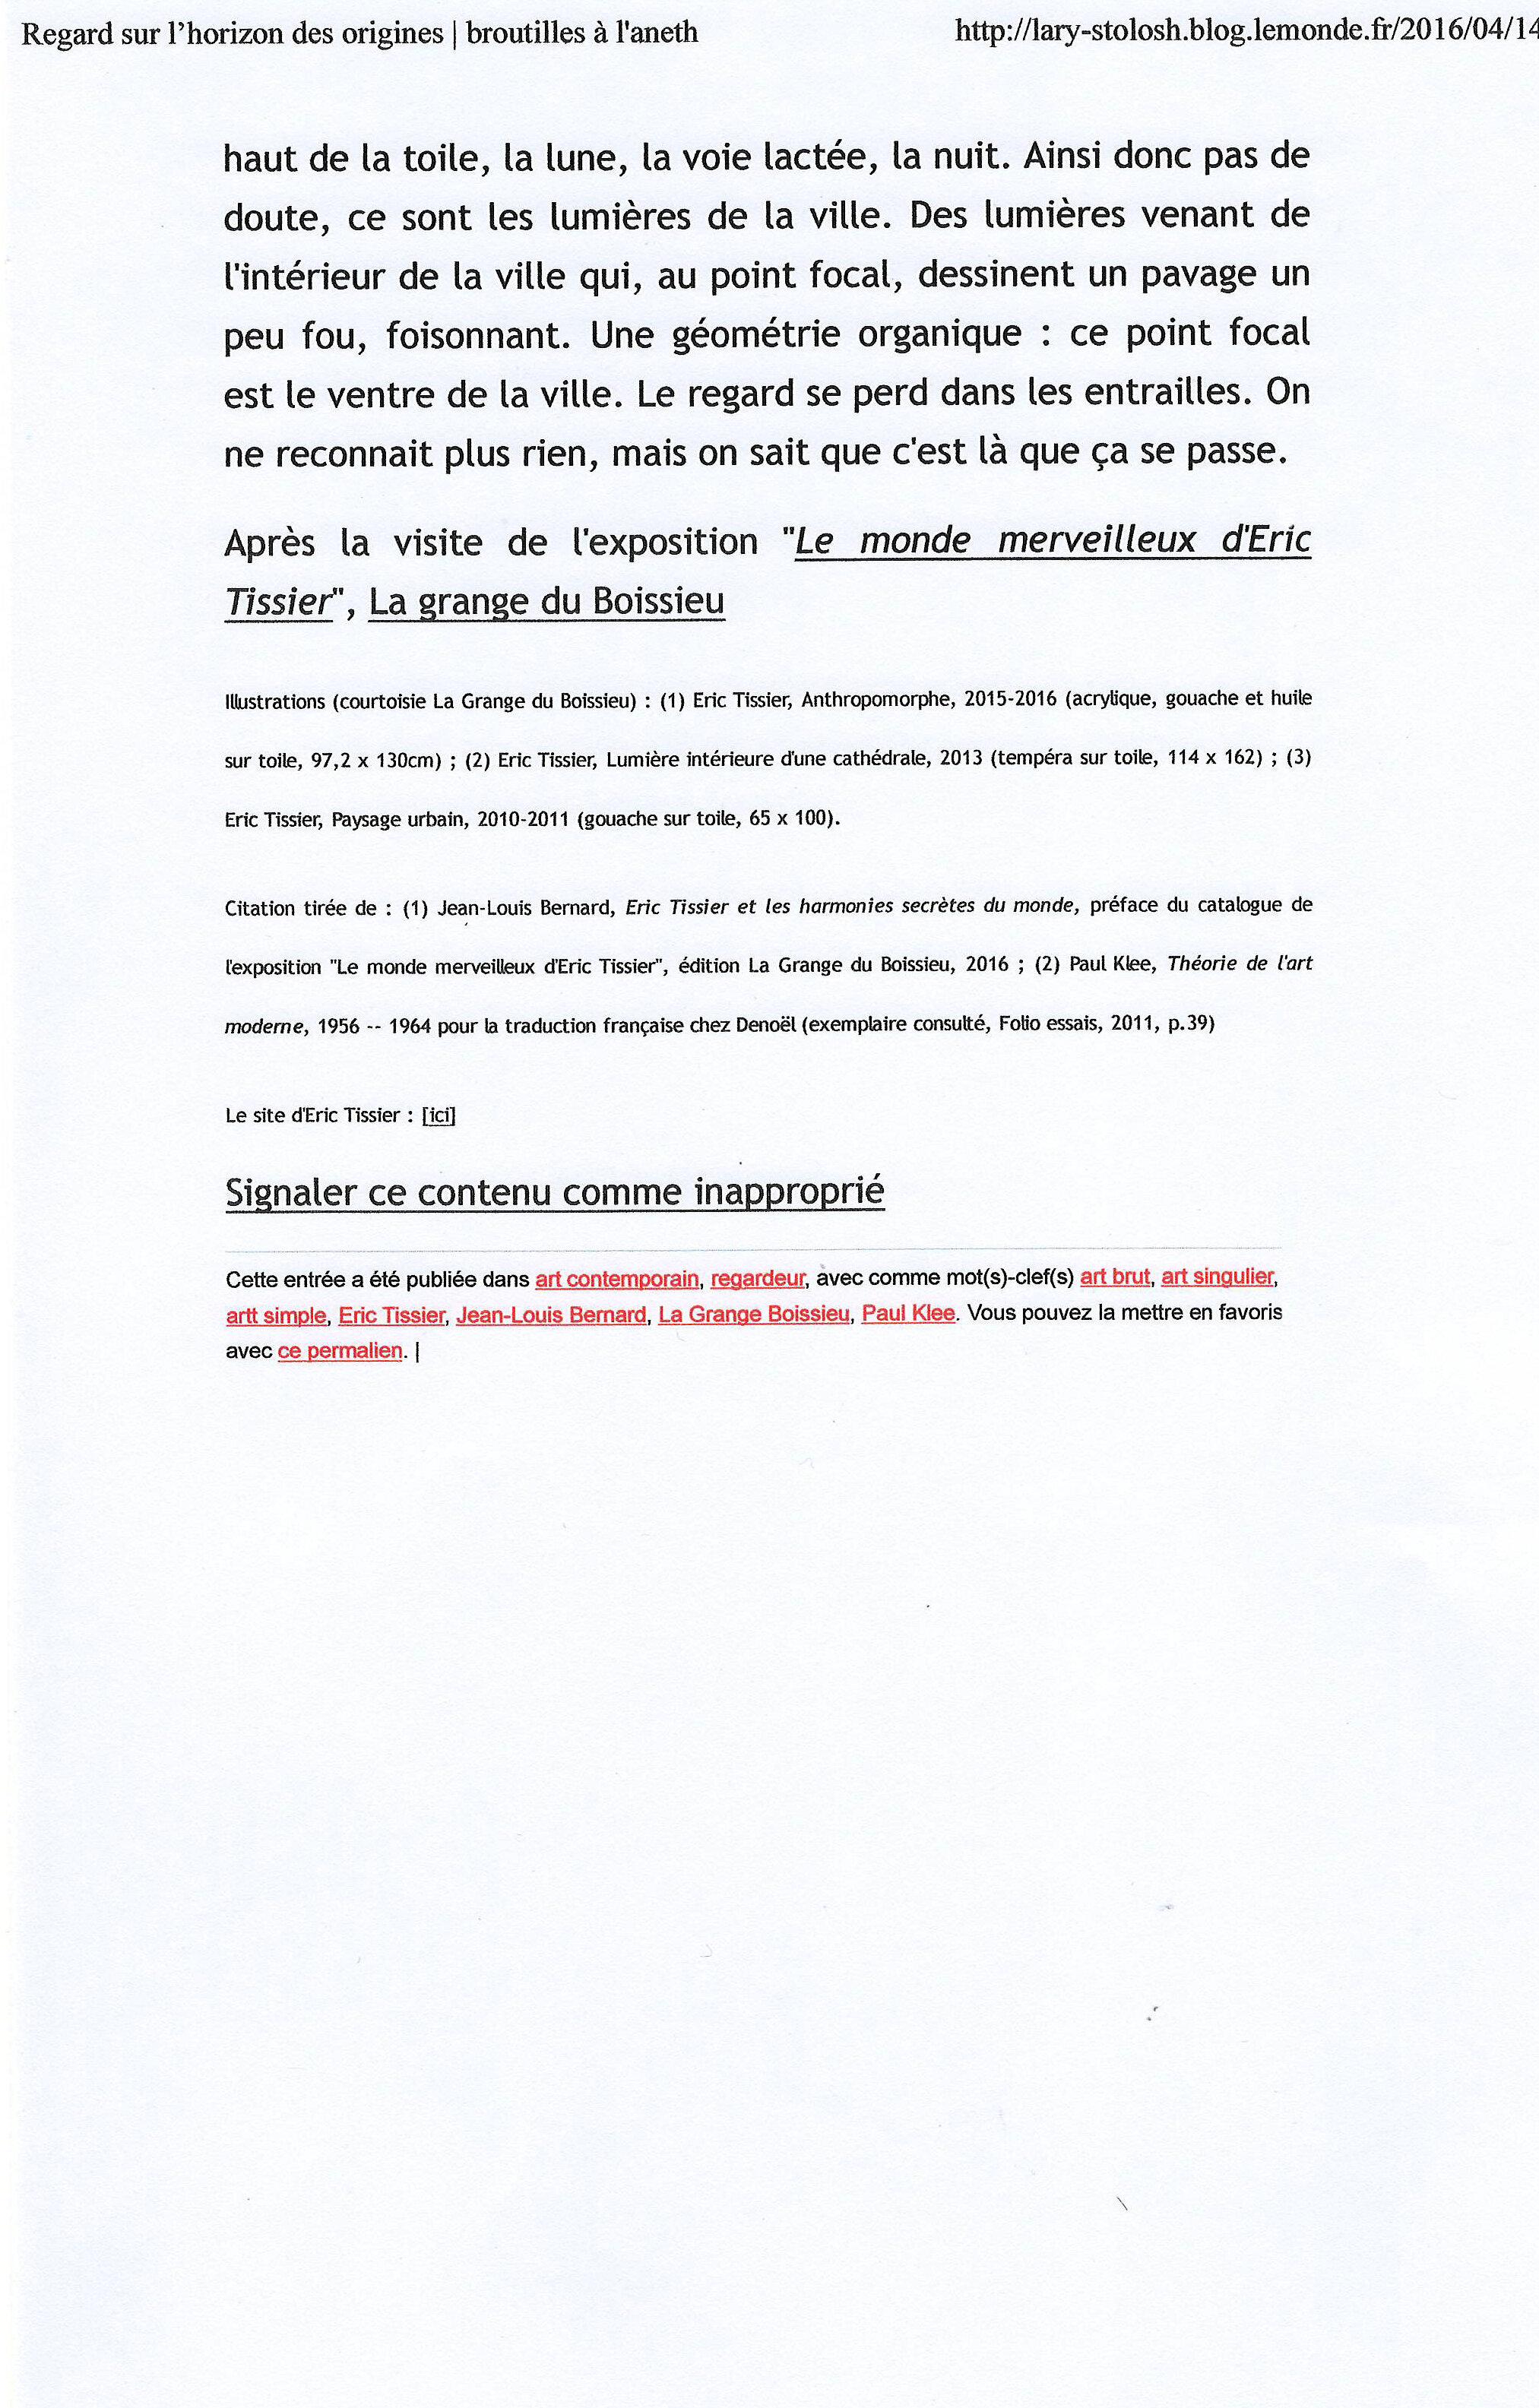 Numériser10002.JPG